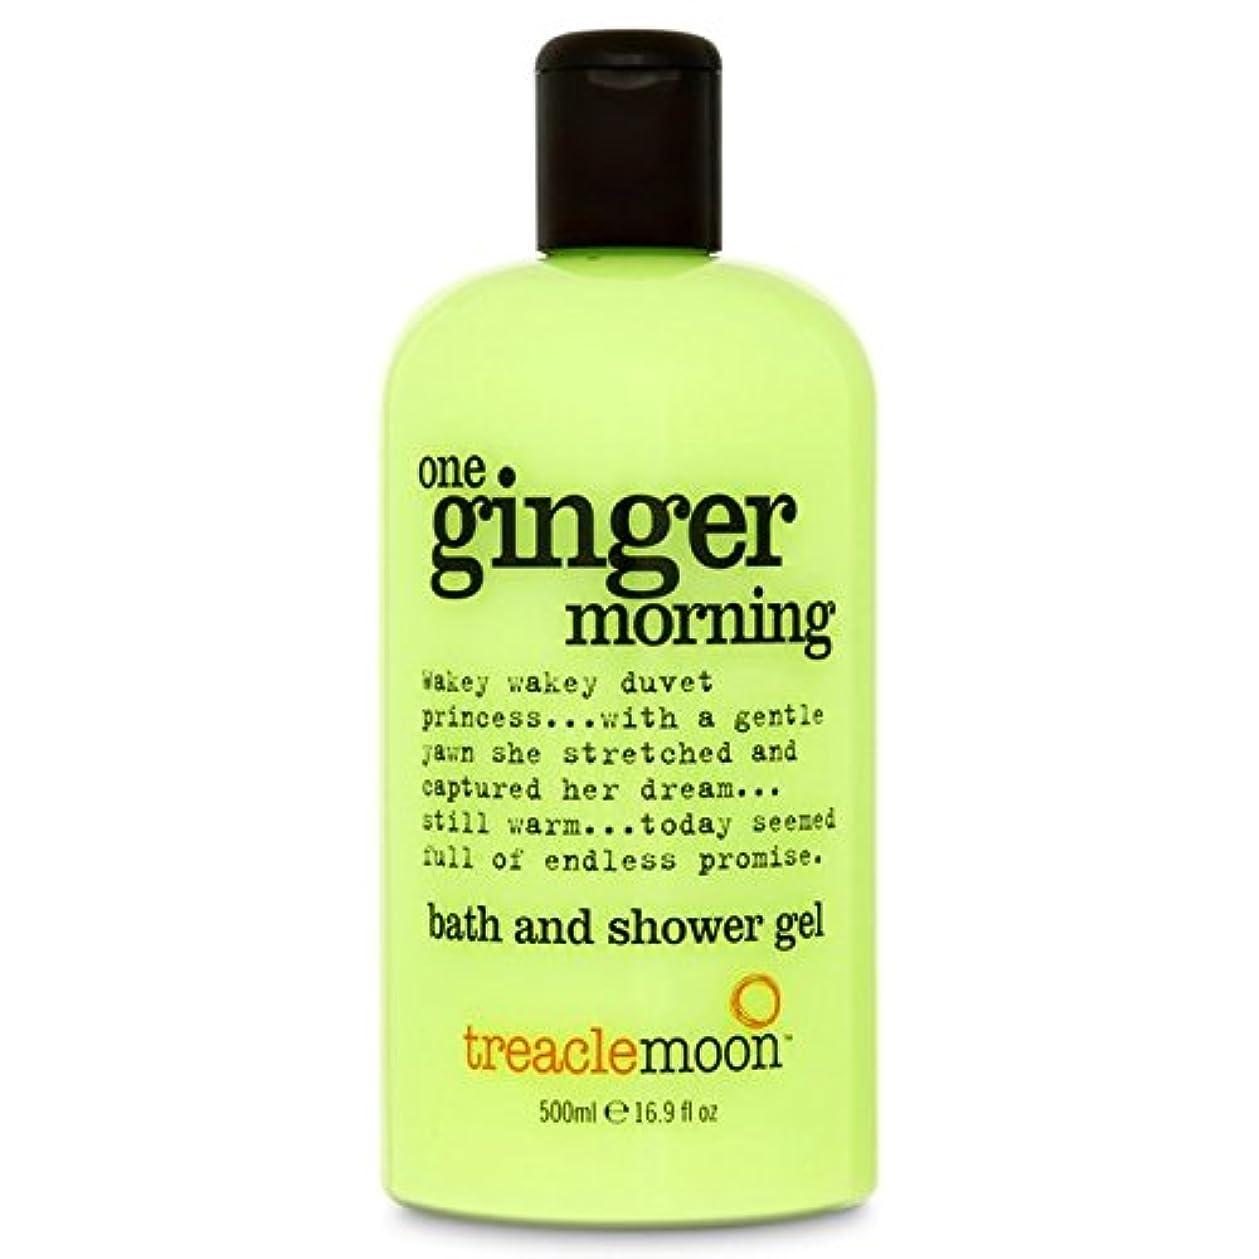 判読できない手のひらアレンジTreacle Moon Ginger Bath & Shower Gel 500ml (Pack of 6) - 糖蜜ムーンジンジャーバス&シャワージェル500ミリリットル x6 [並行輸入品]